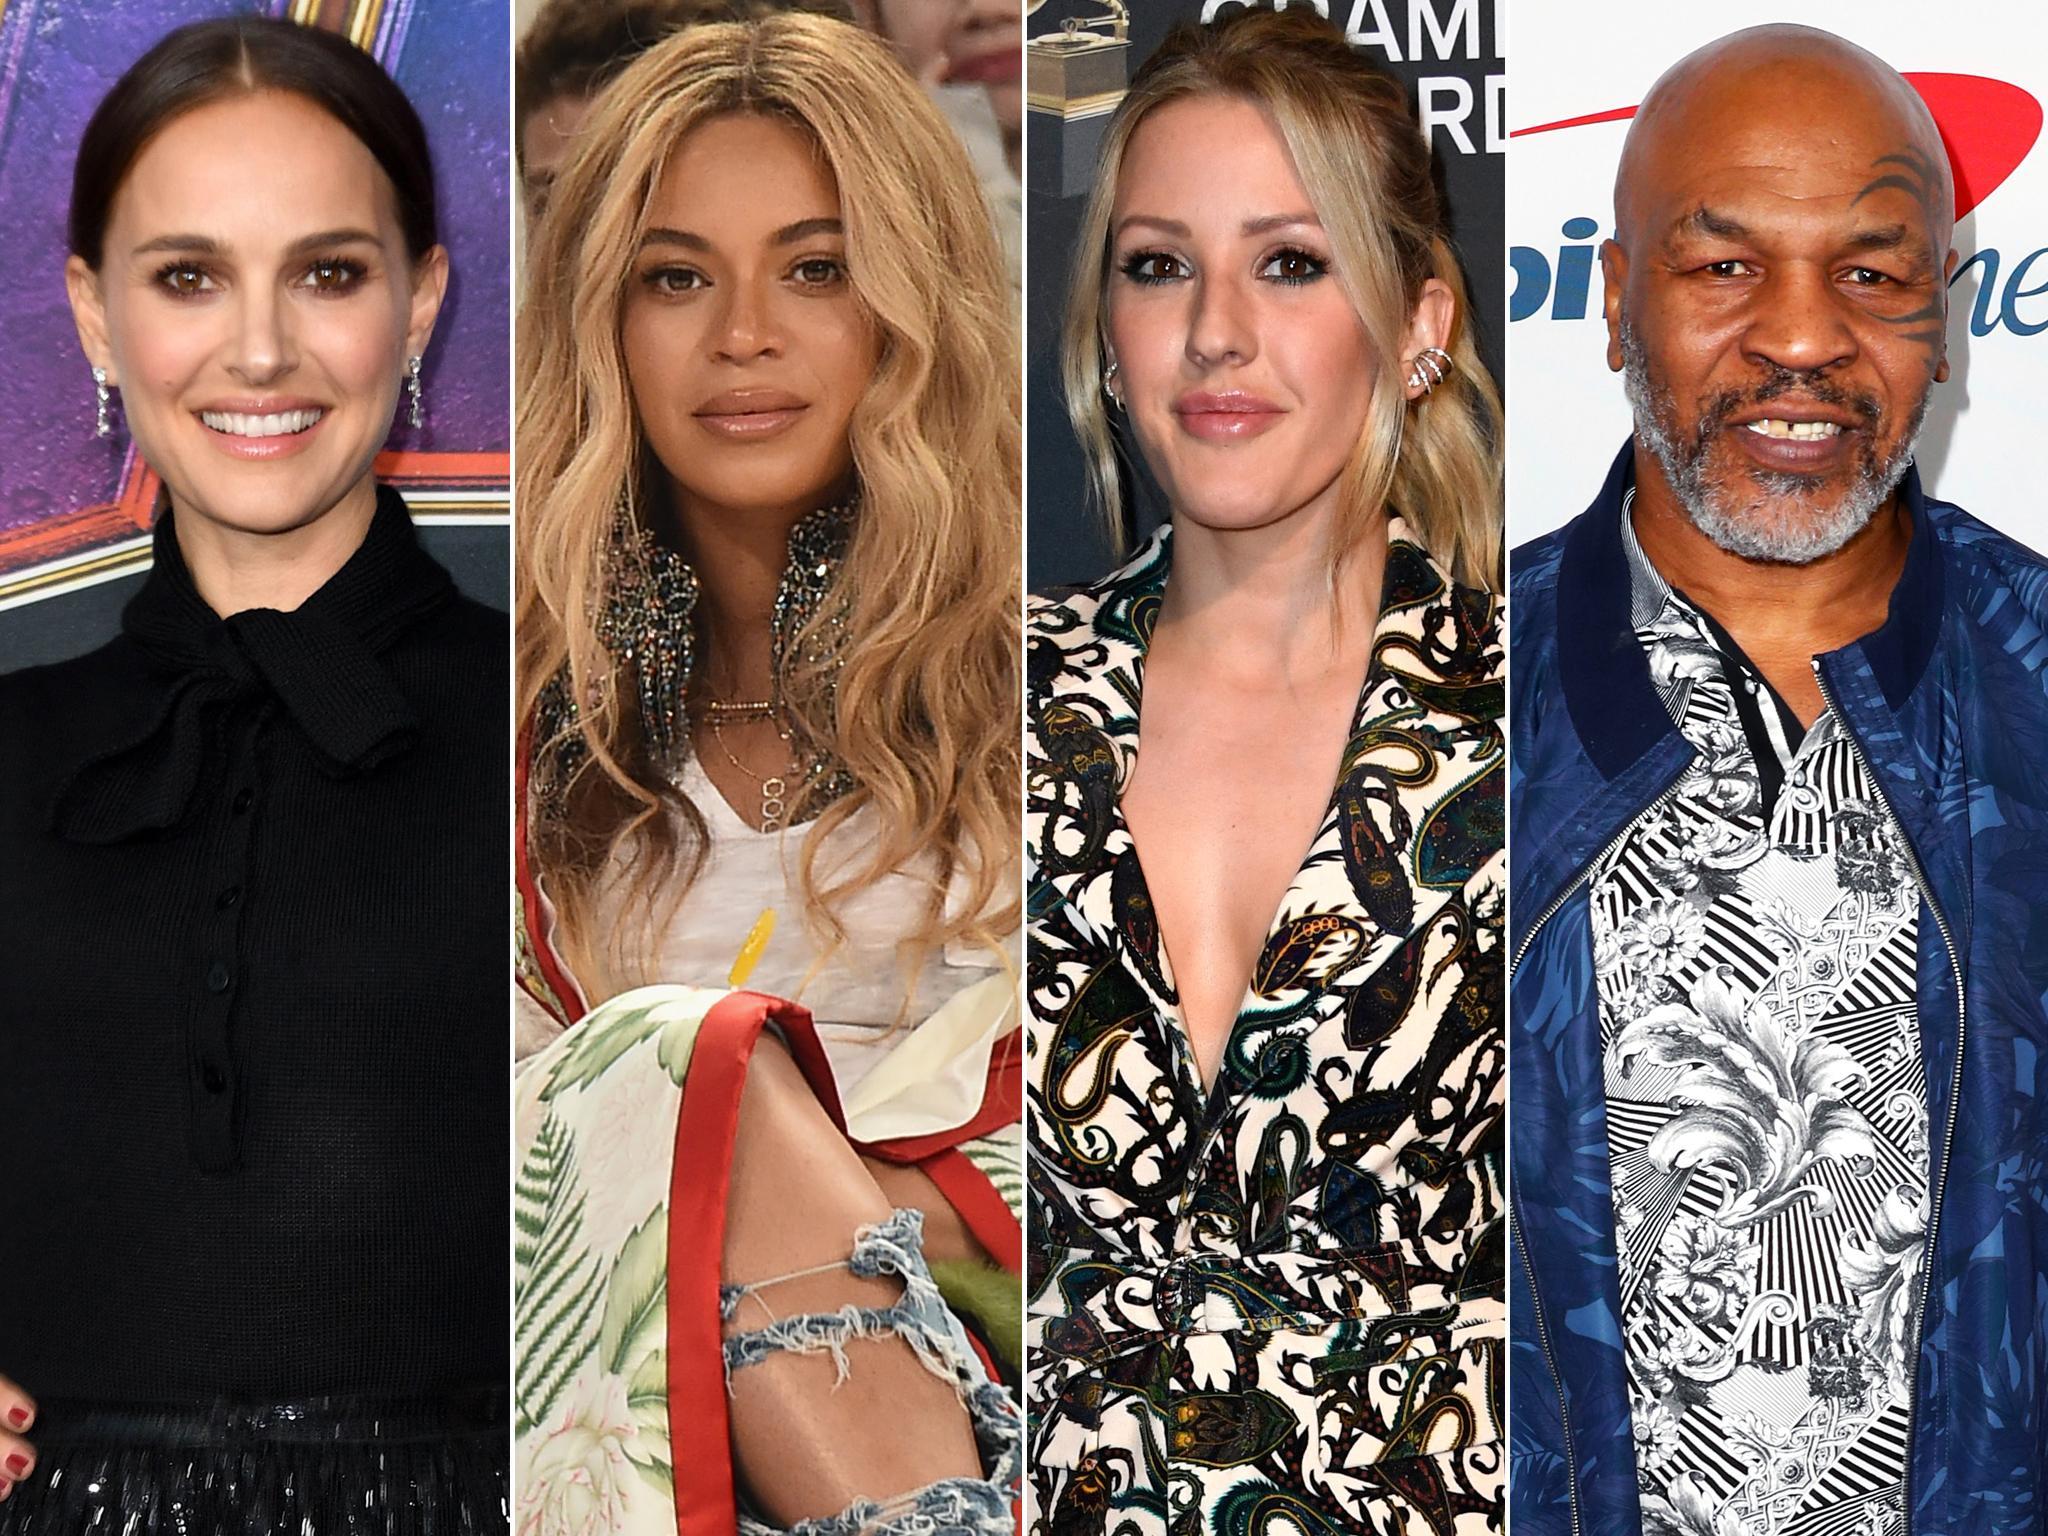 Celebrity vegans: Beyoncé and Natalie Portman among famous faces following plant-based diet 1